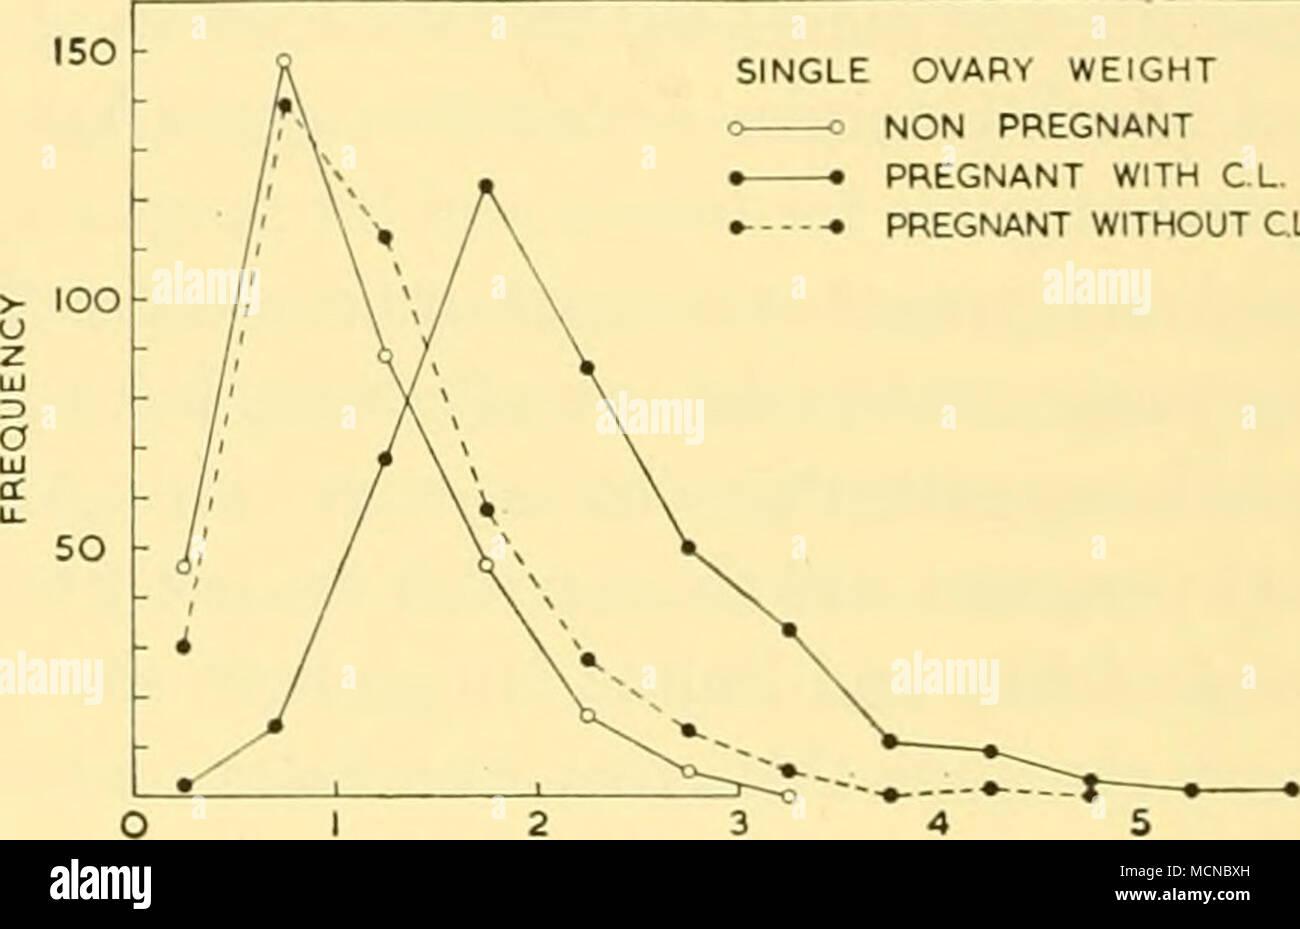 schwanger single